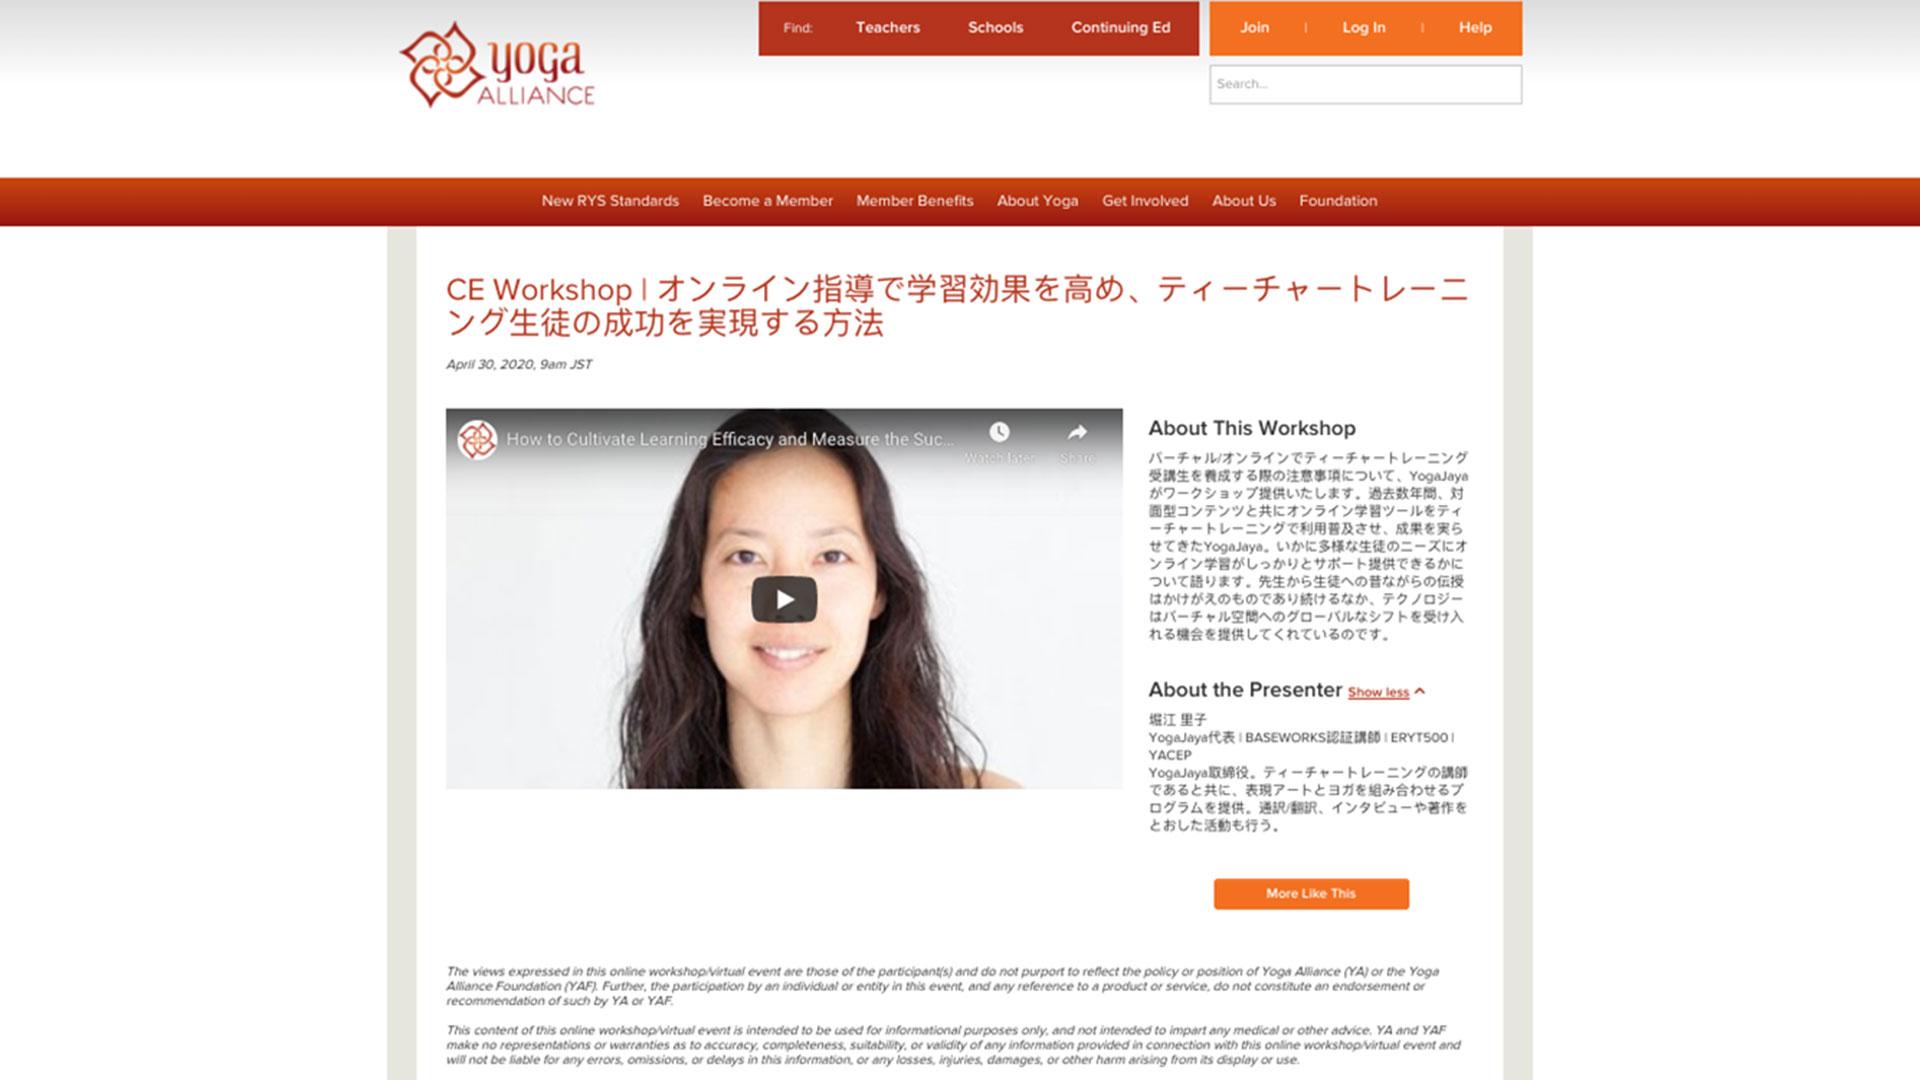 yogajaya-yoga-alliance-webinar-3-jp